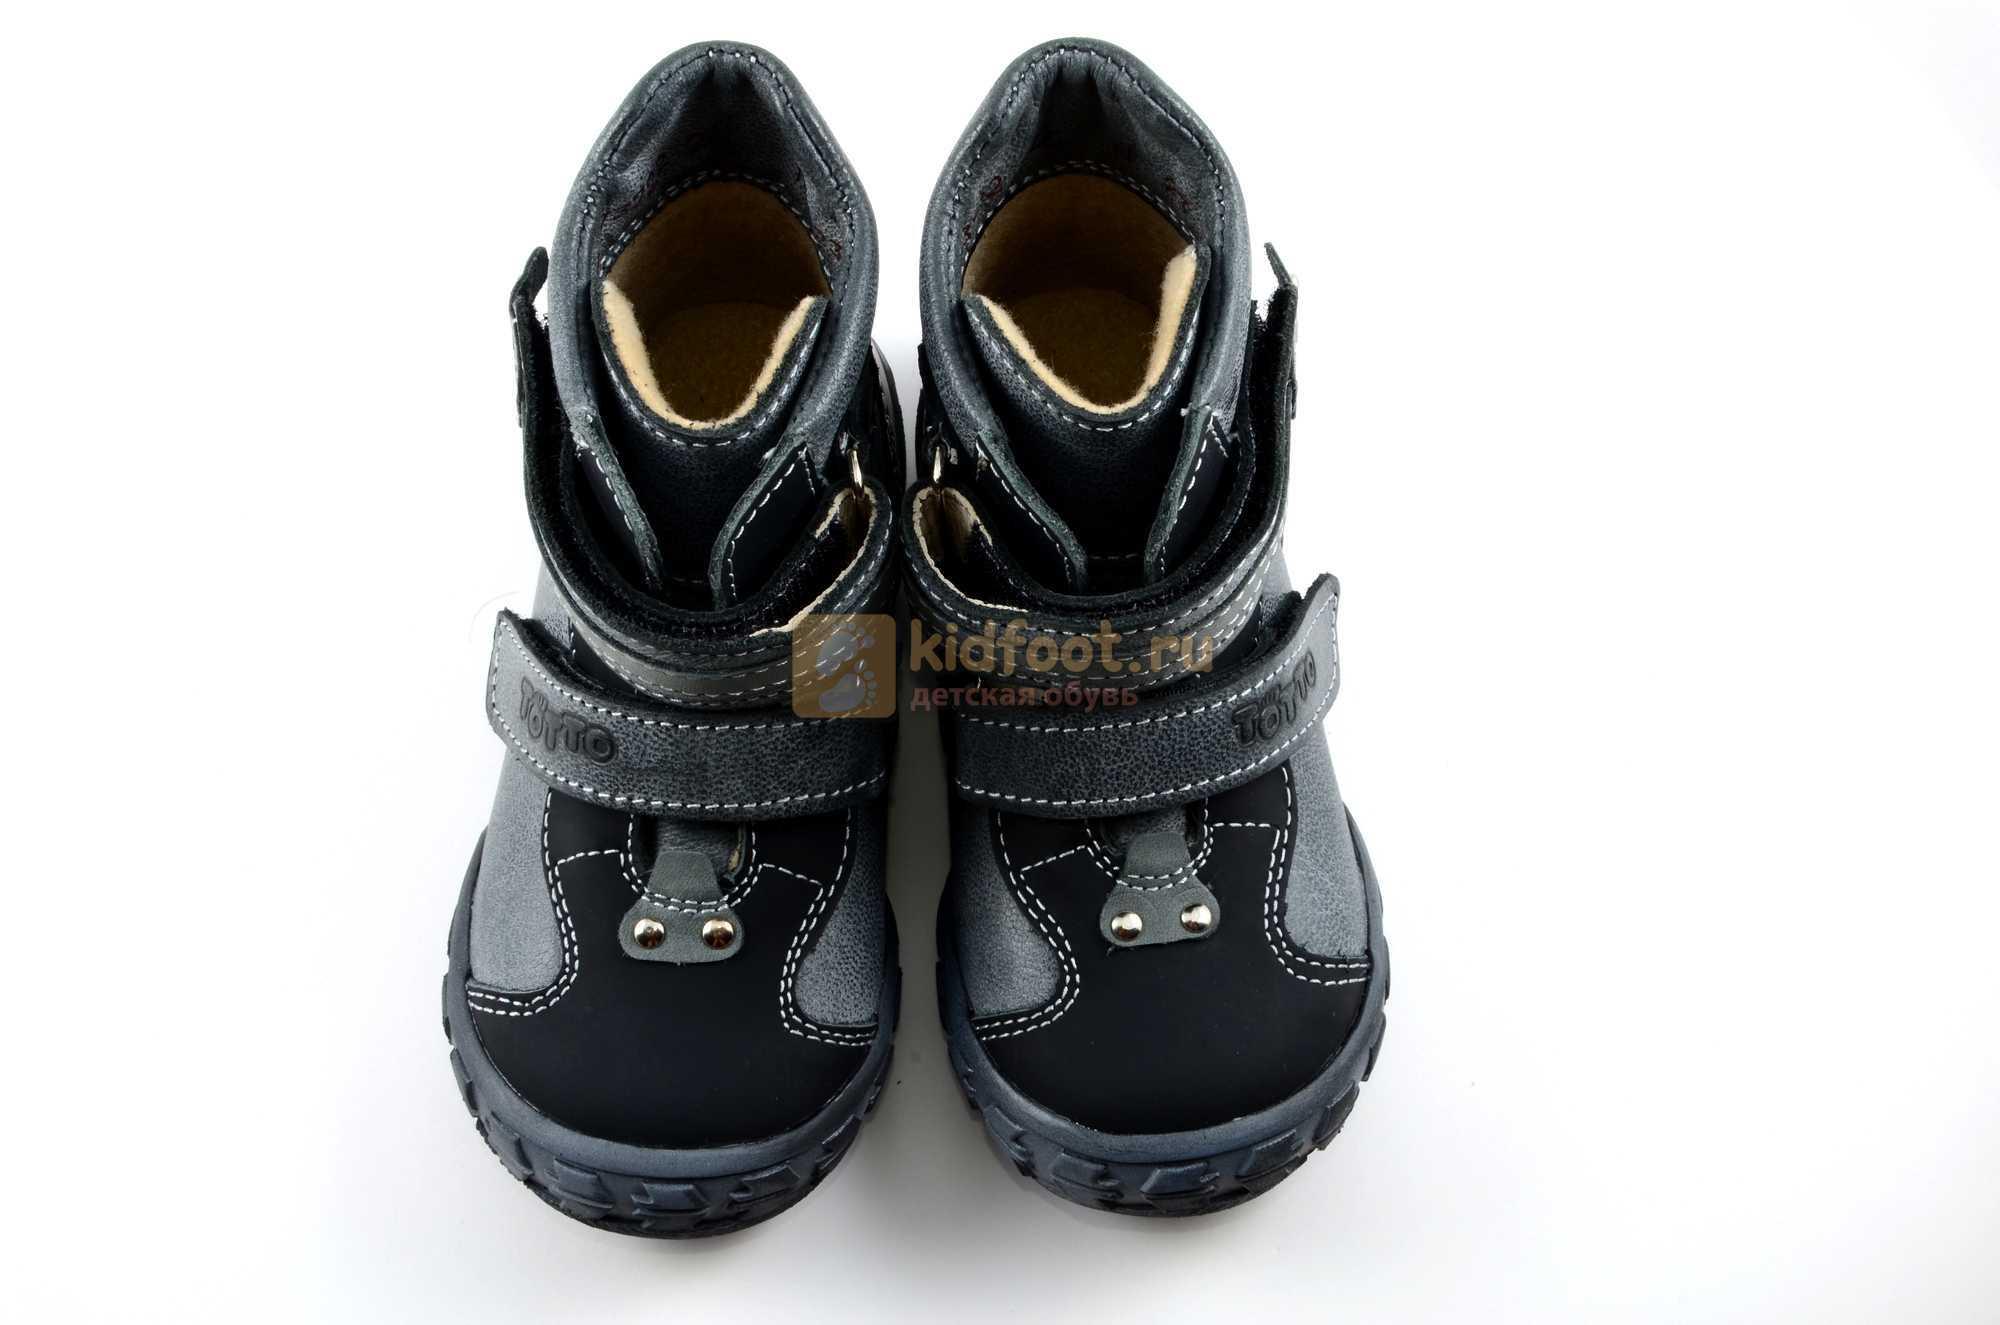 Ботинки Тотто из натуральной кожи демисезонные на байке для мальчиков, цвет черный